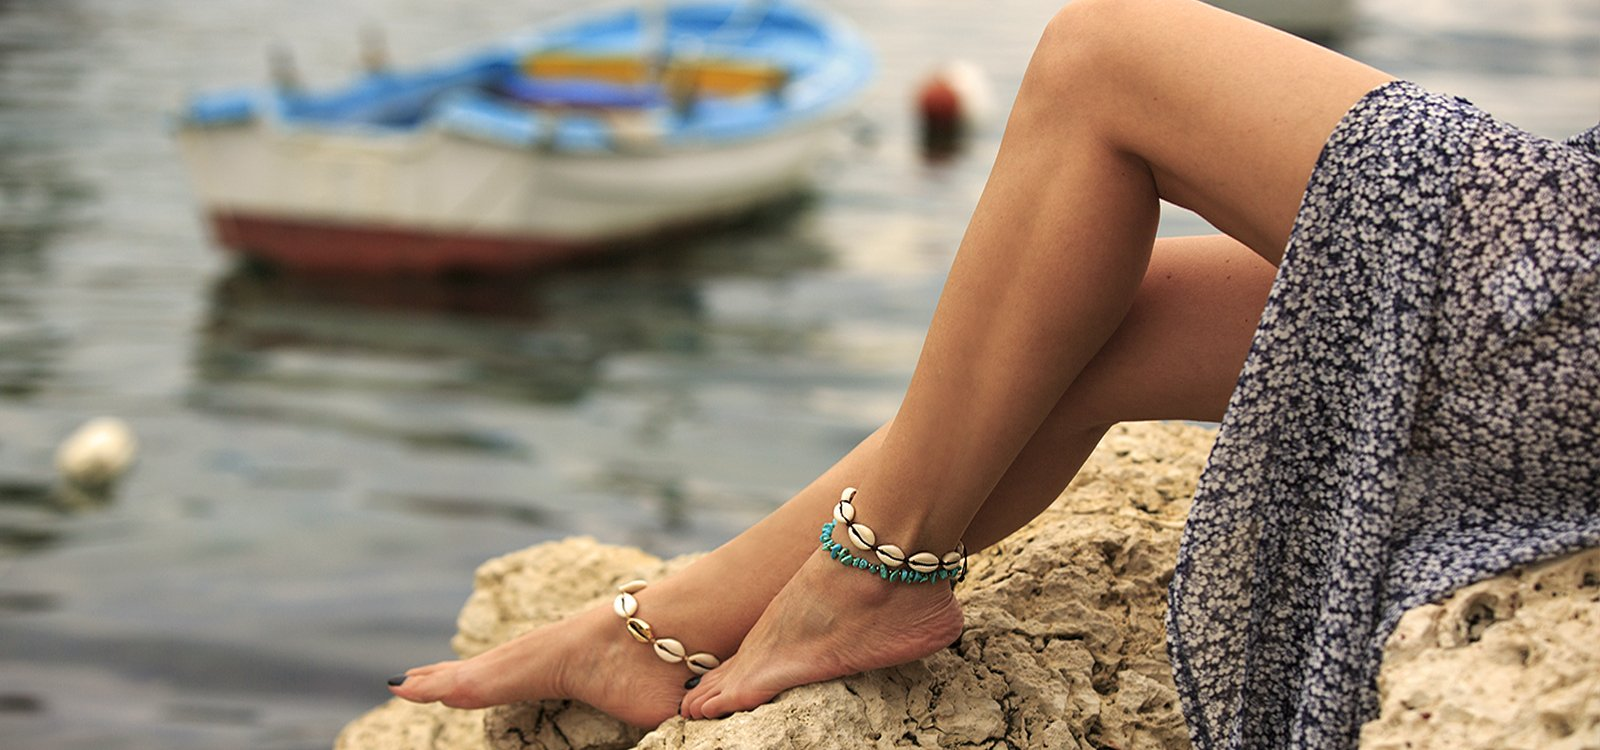 80af760f4a HANDMADE - Likejewls.com - Μοναδικά χειροποίητα κοσμήματα